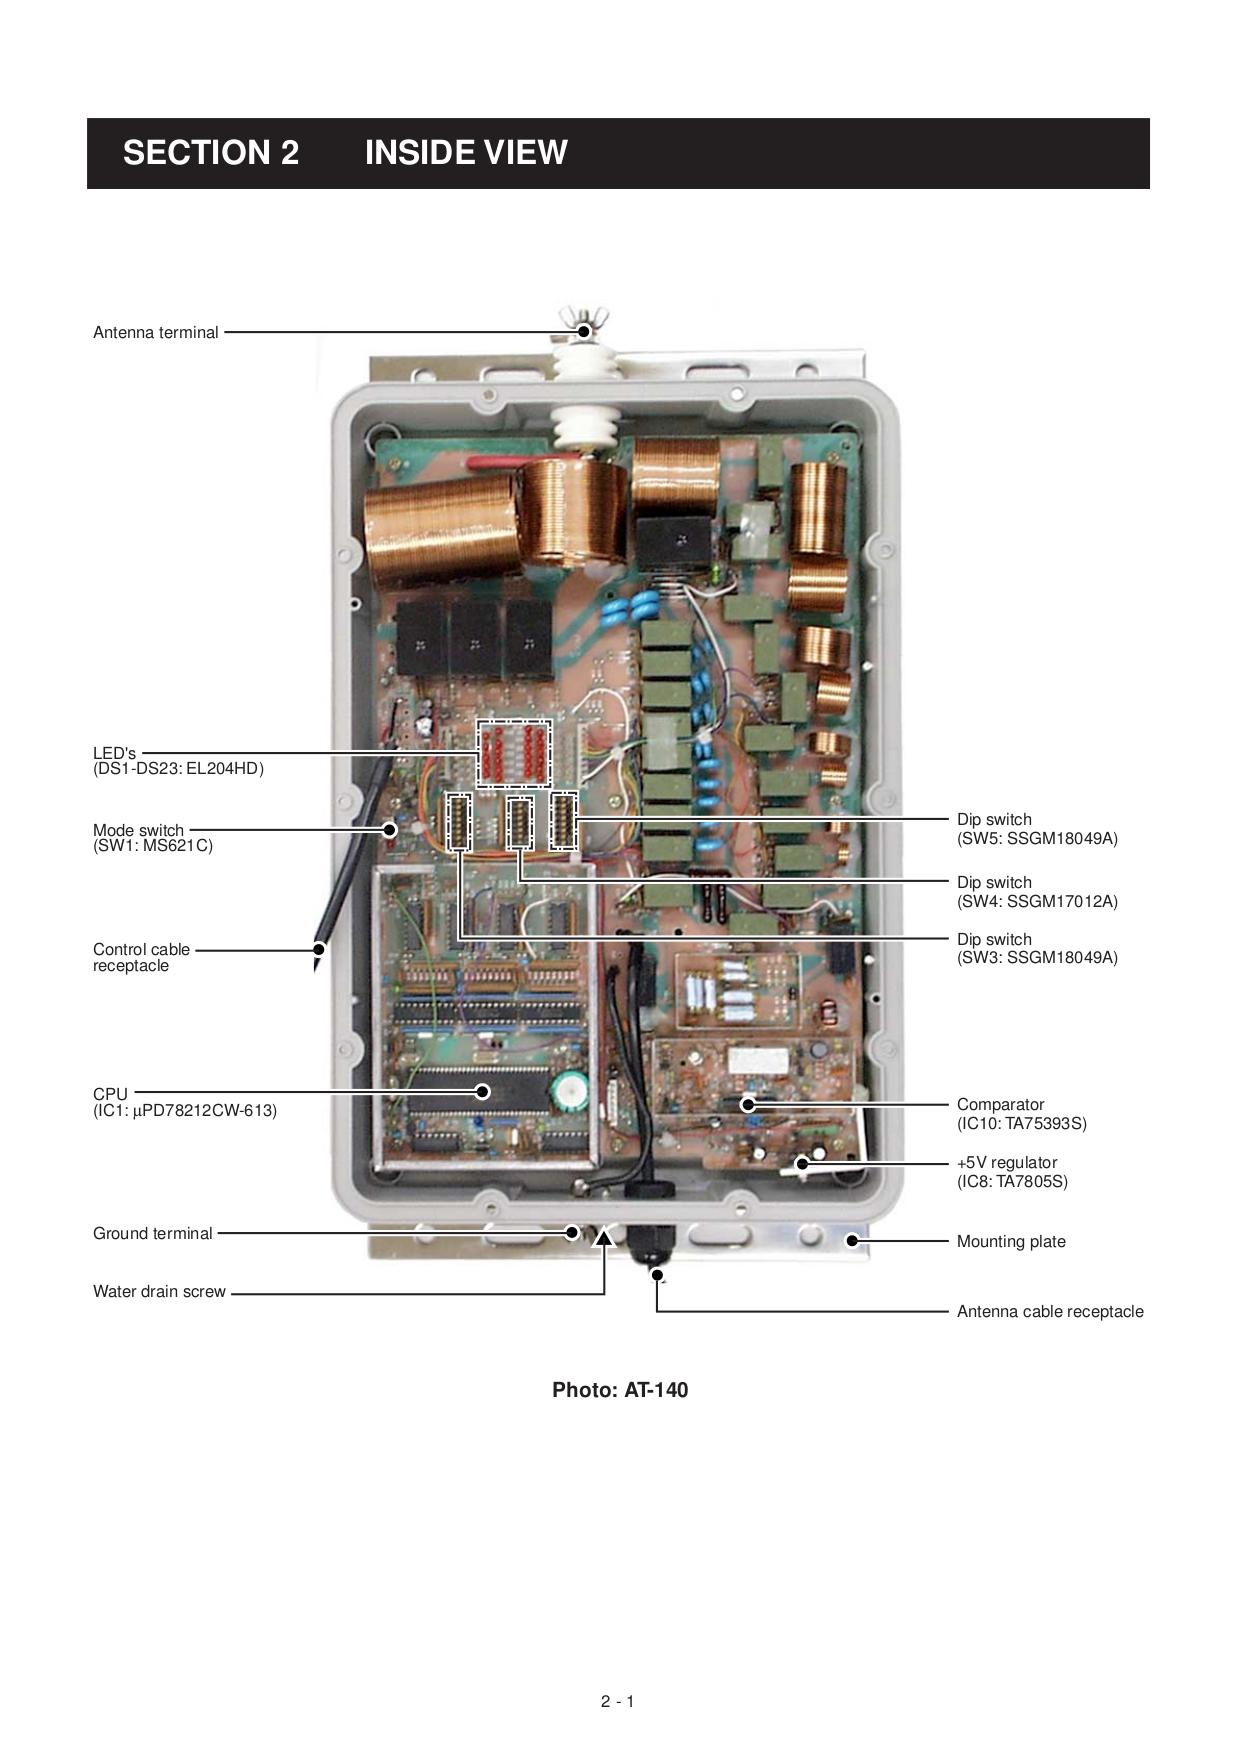 Yamaha Jg5 Golf Cart Wiring Diagram : Wiring diagrams yamaha golf cart jg electrical